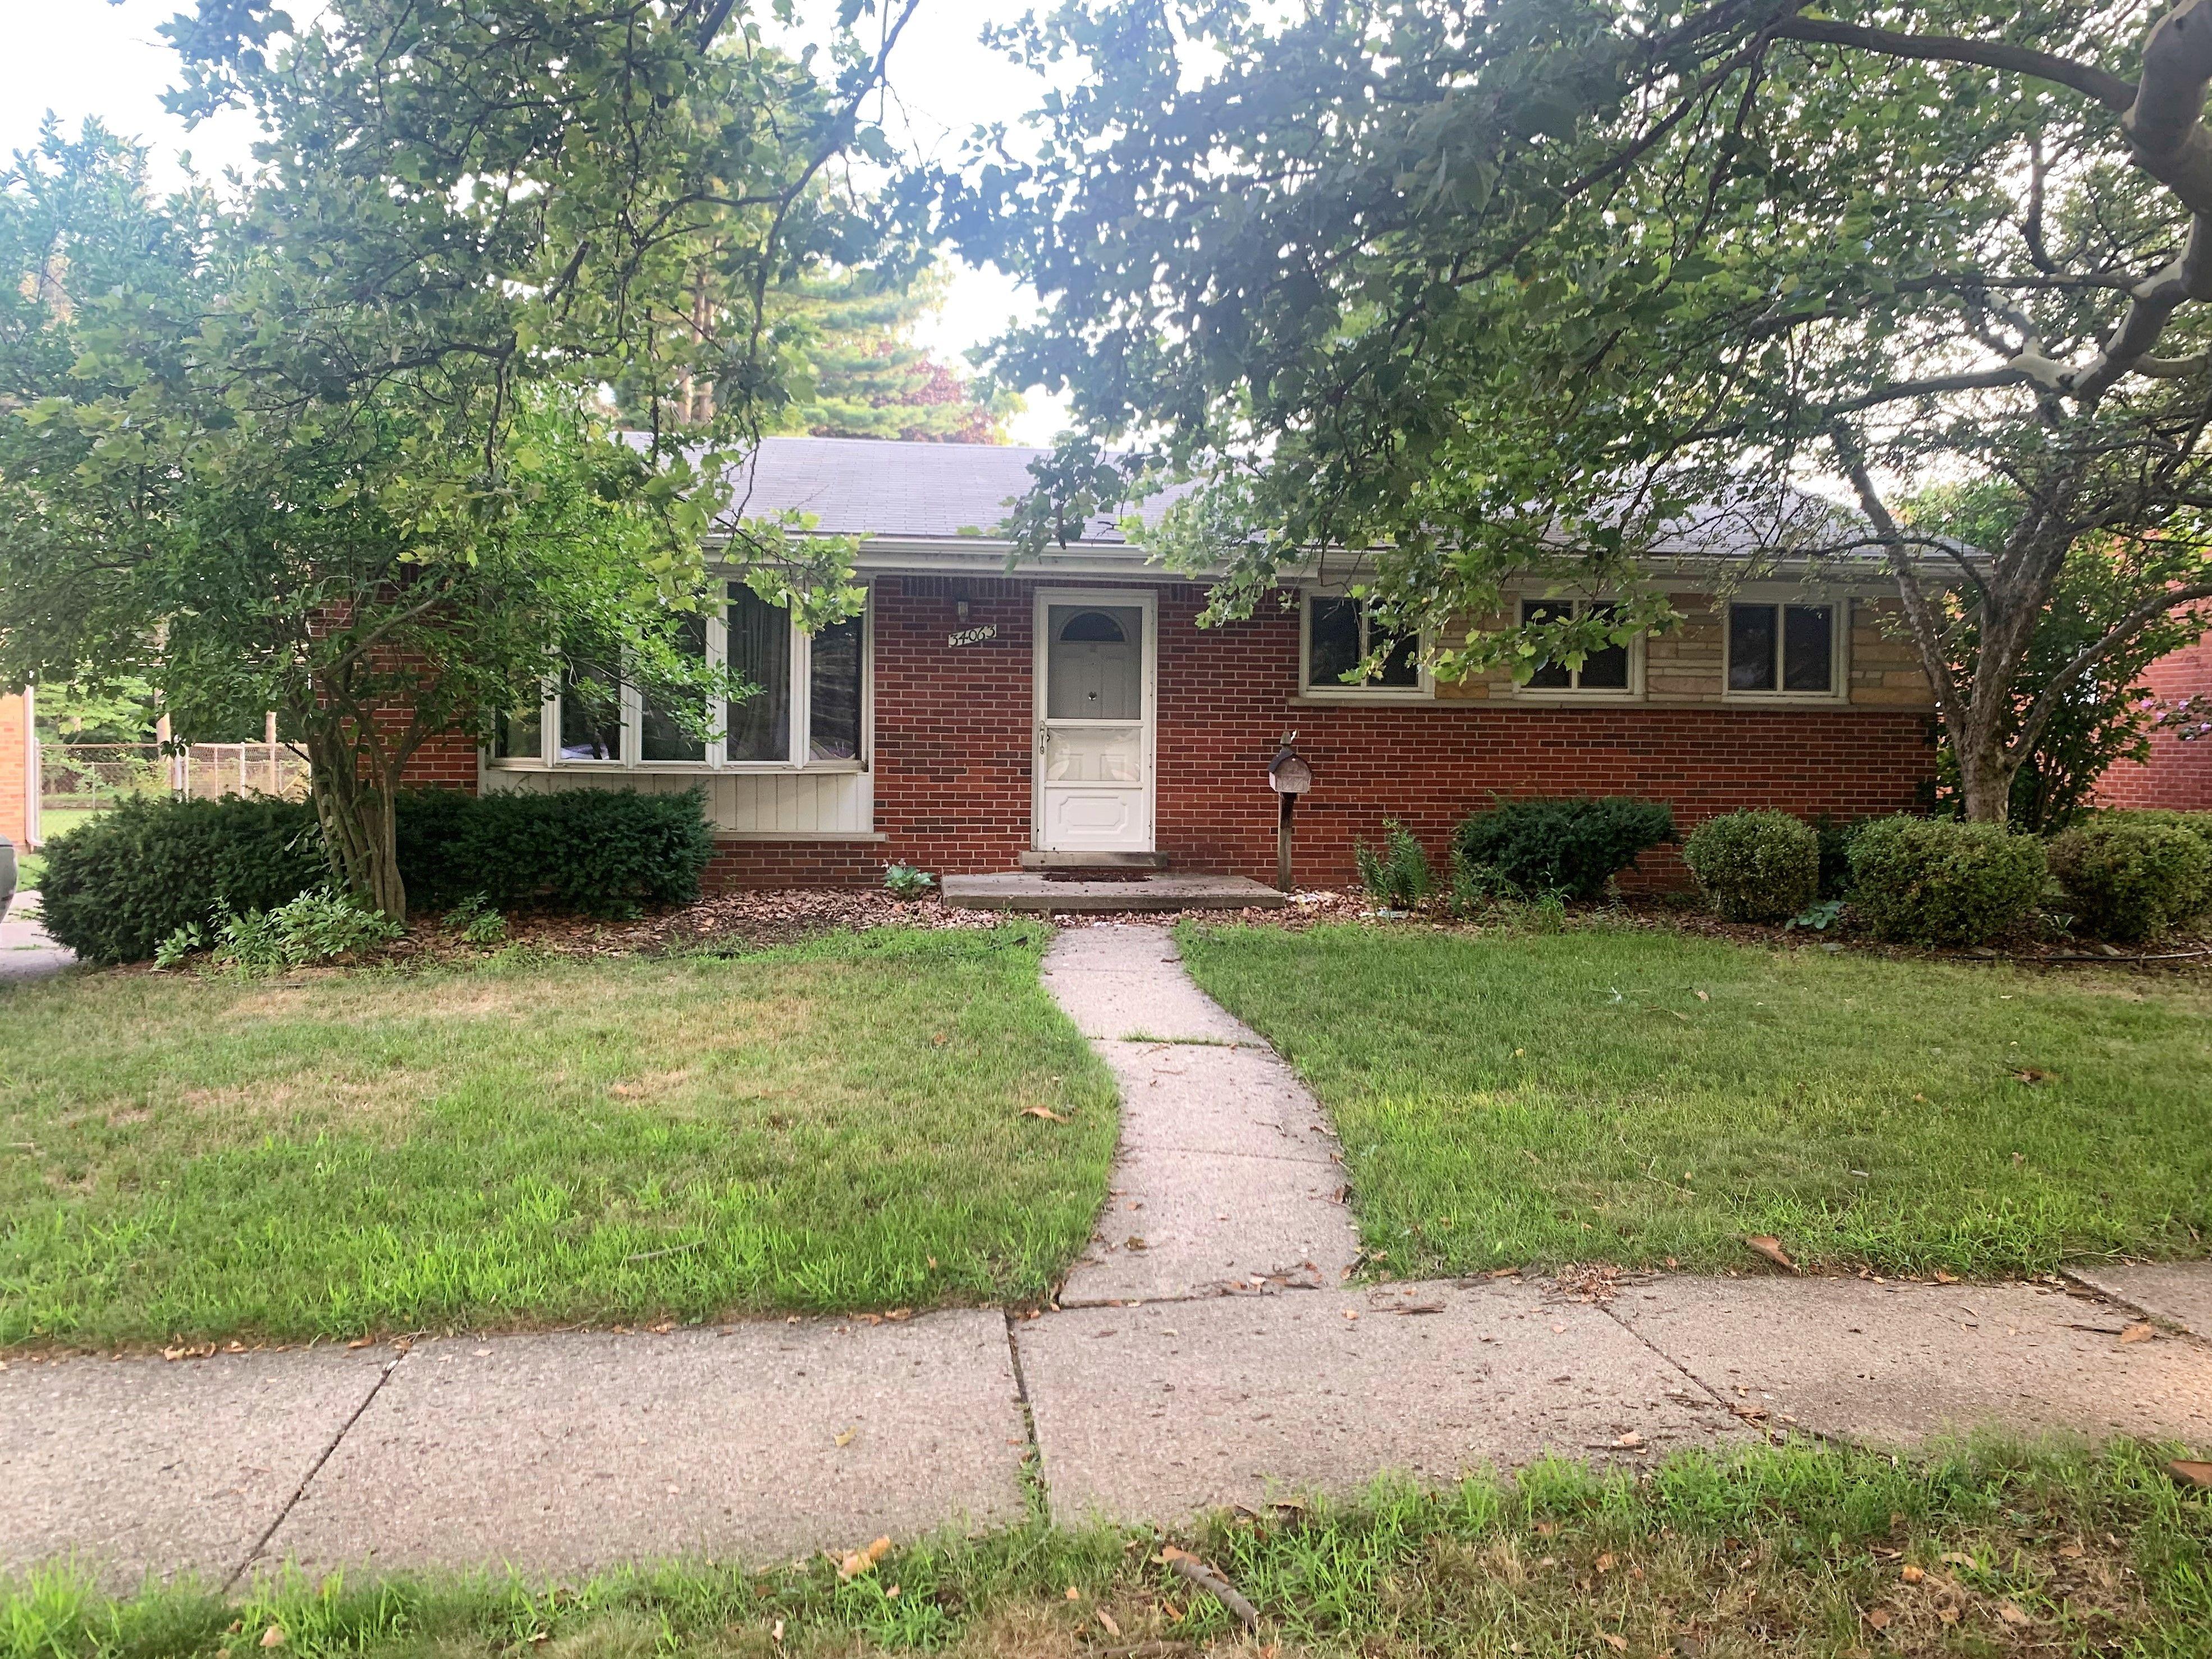 34063 Ann Arbor Trl, Livonia, MI